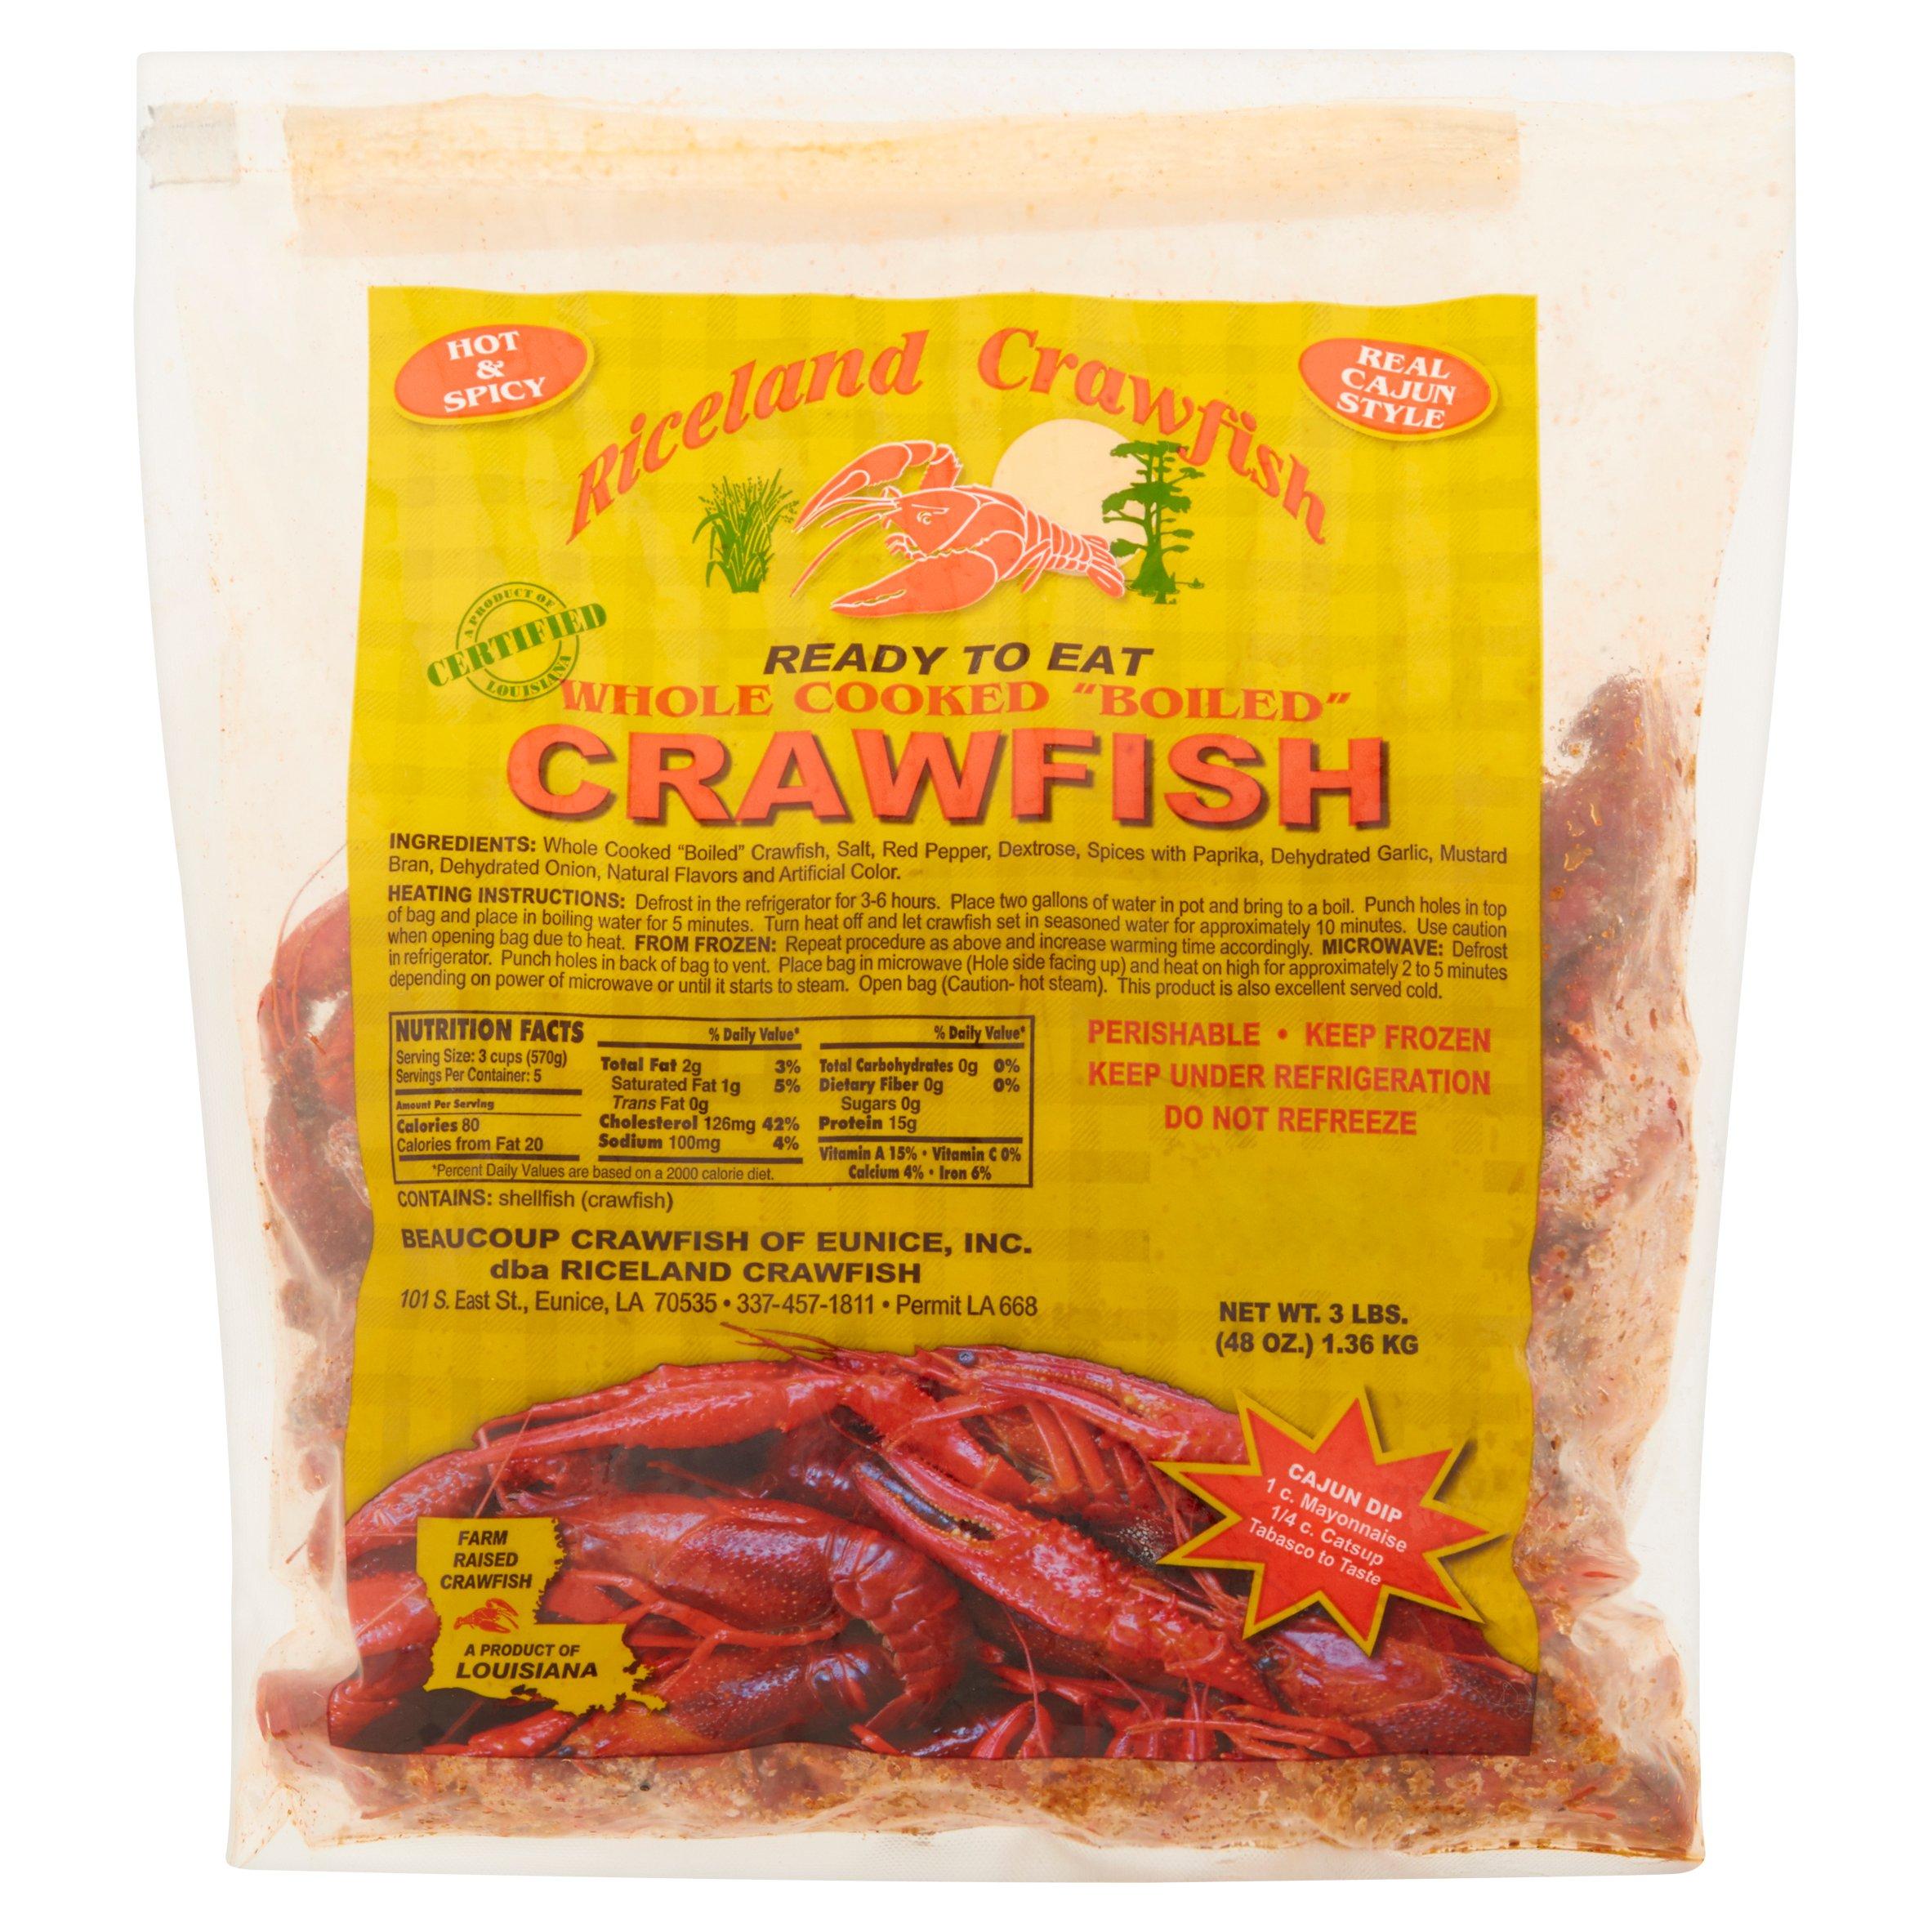 Riceland Crawfish Whole Cooked